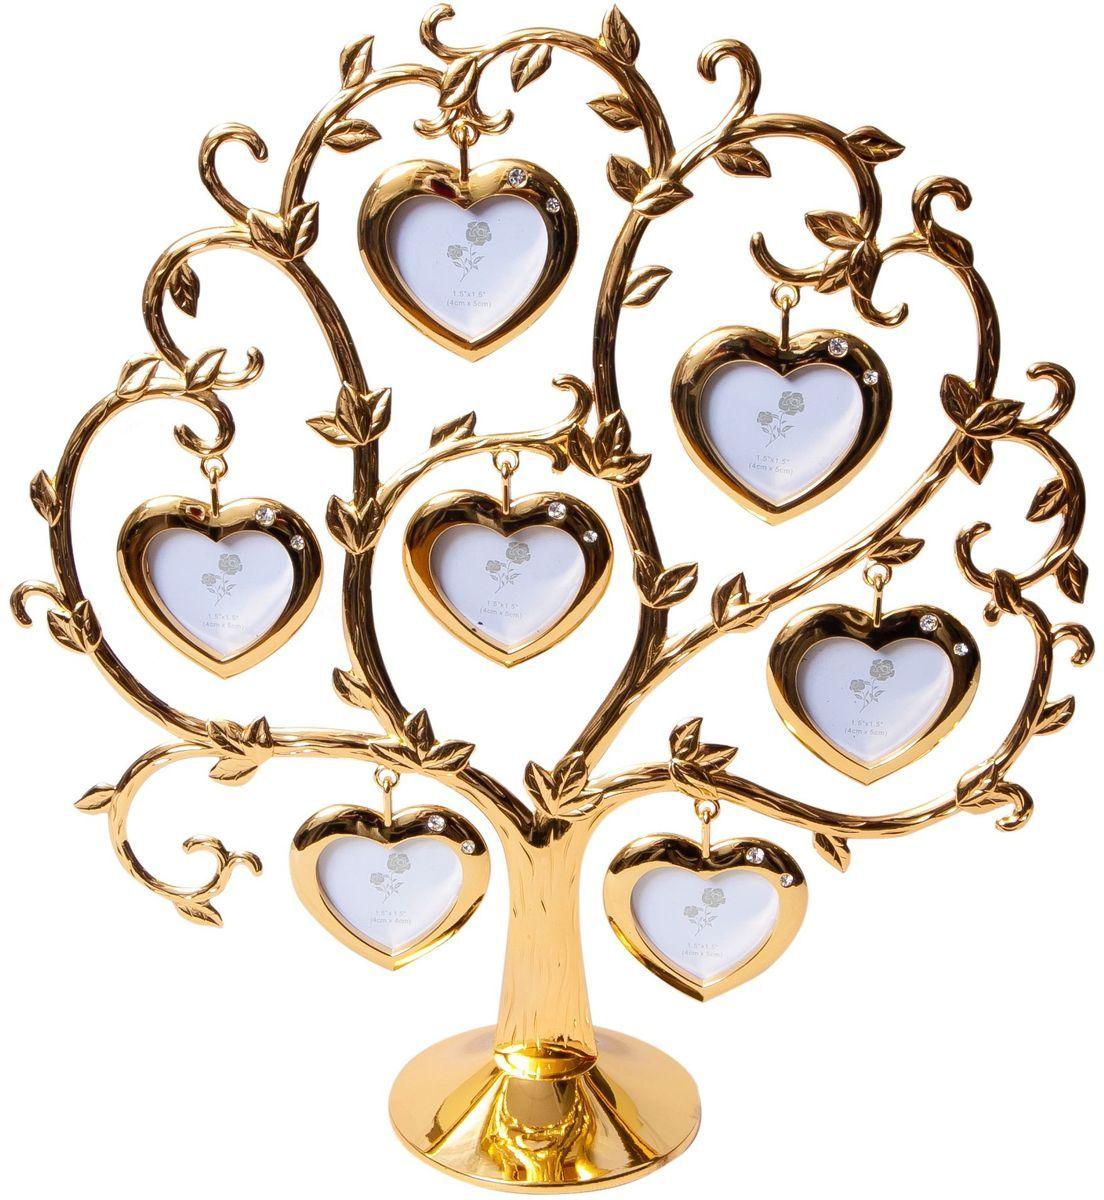 Фоторамка Platinum Дерево. Сердца, цвет: золотистый, на 7 фото, 4 x 4 см. PF9460CSG7 фоторамок на дереве PF9460CSG GOLDДекоративная фоторамка Platinum Дерево. Сердца выполнена из металла. На подставку в виде деревца подвешиваются семь рамочек в форме сердец, украшенных стразами. Изысканная и эффектная, эта потрясающая рамочка покорит своей красотой и изумительным качеством исполнения. Фоторамка Platinum Дерево. Сердца не только украсит интерьер помещения, но и поможет разместить фото всей вашей семьи. Высота фоторамки: 26 см. Фоторамка подходит для фотографий 4 х 4 см. Общий размер фоторамки: 25 х 5 х 26 см.